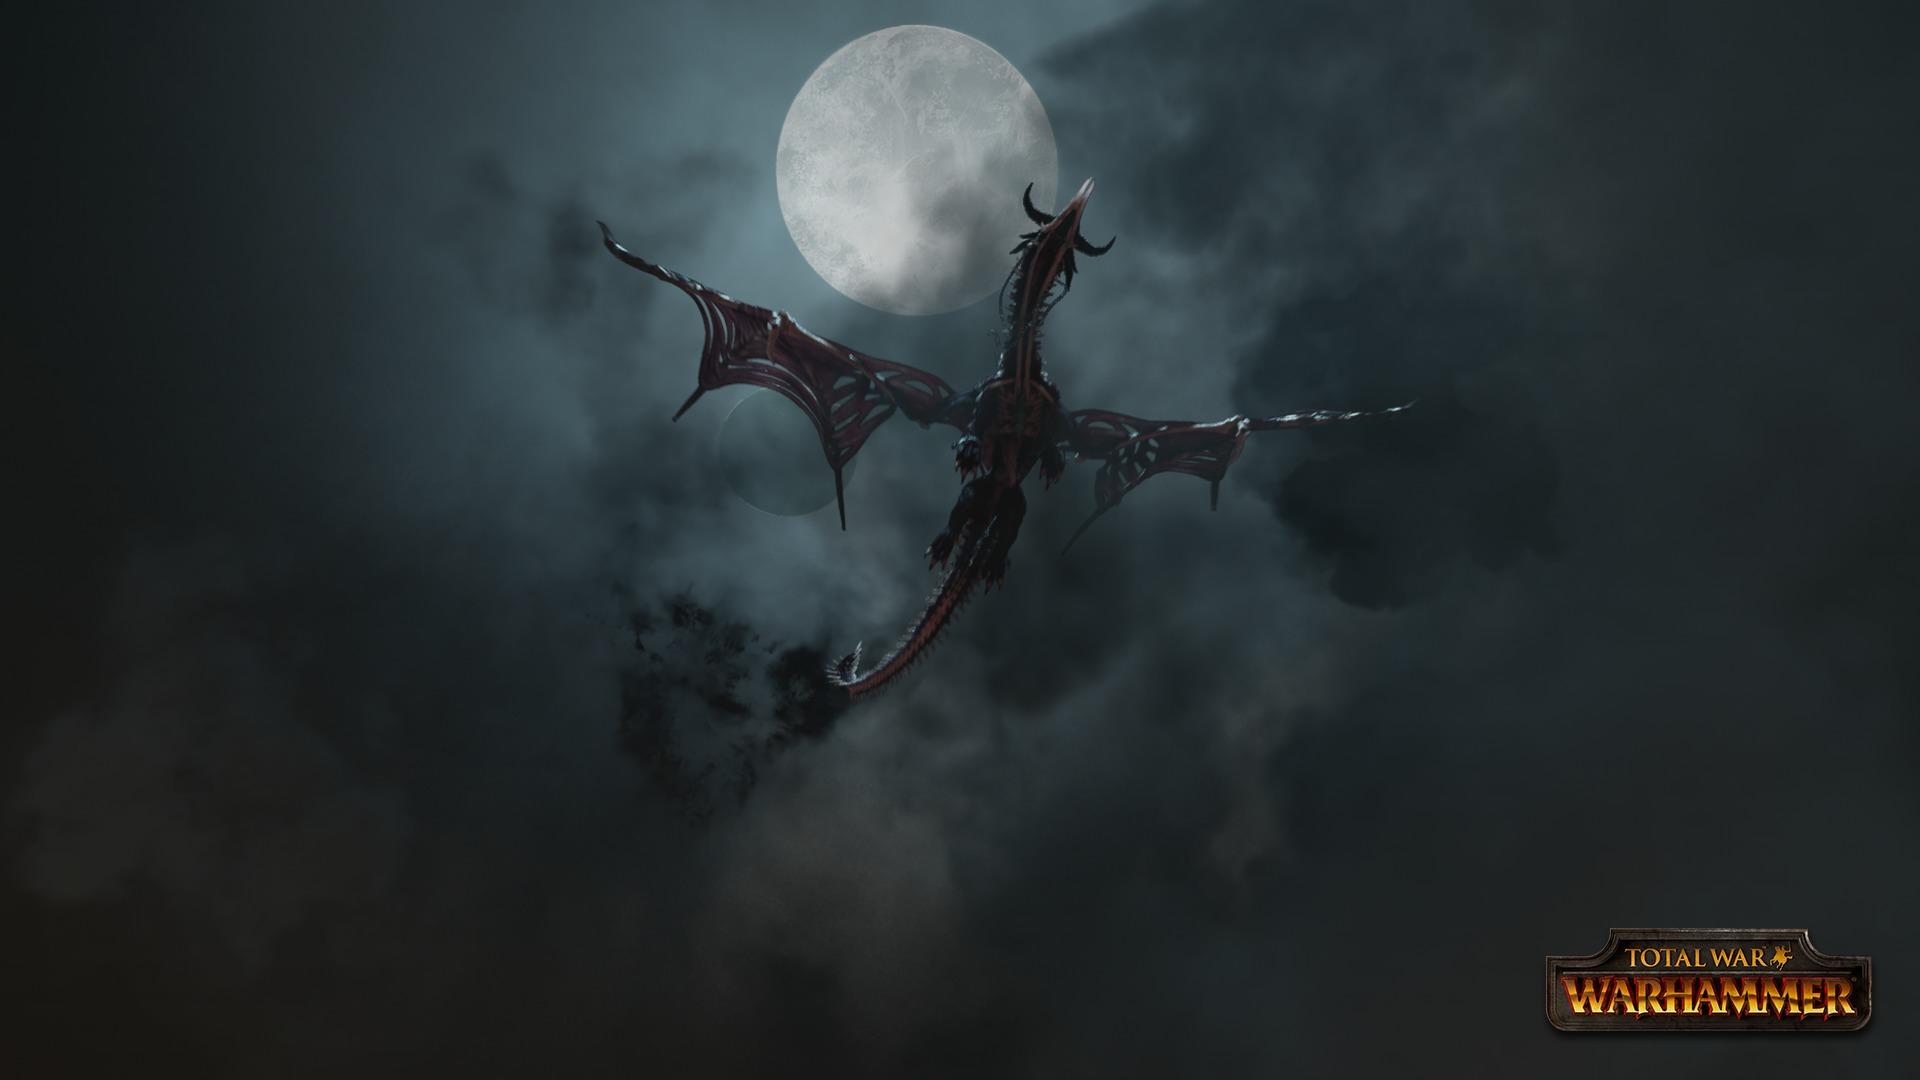 Warhammer warhammer total war total war creative assembly dragon 1680x1050